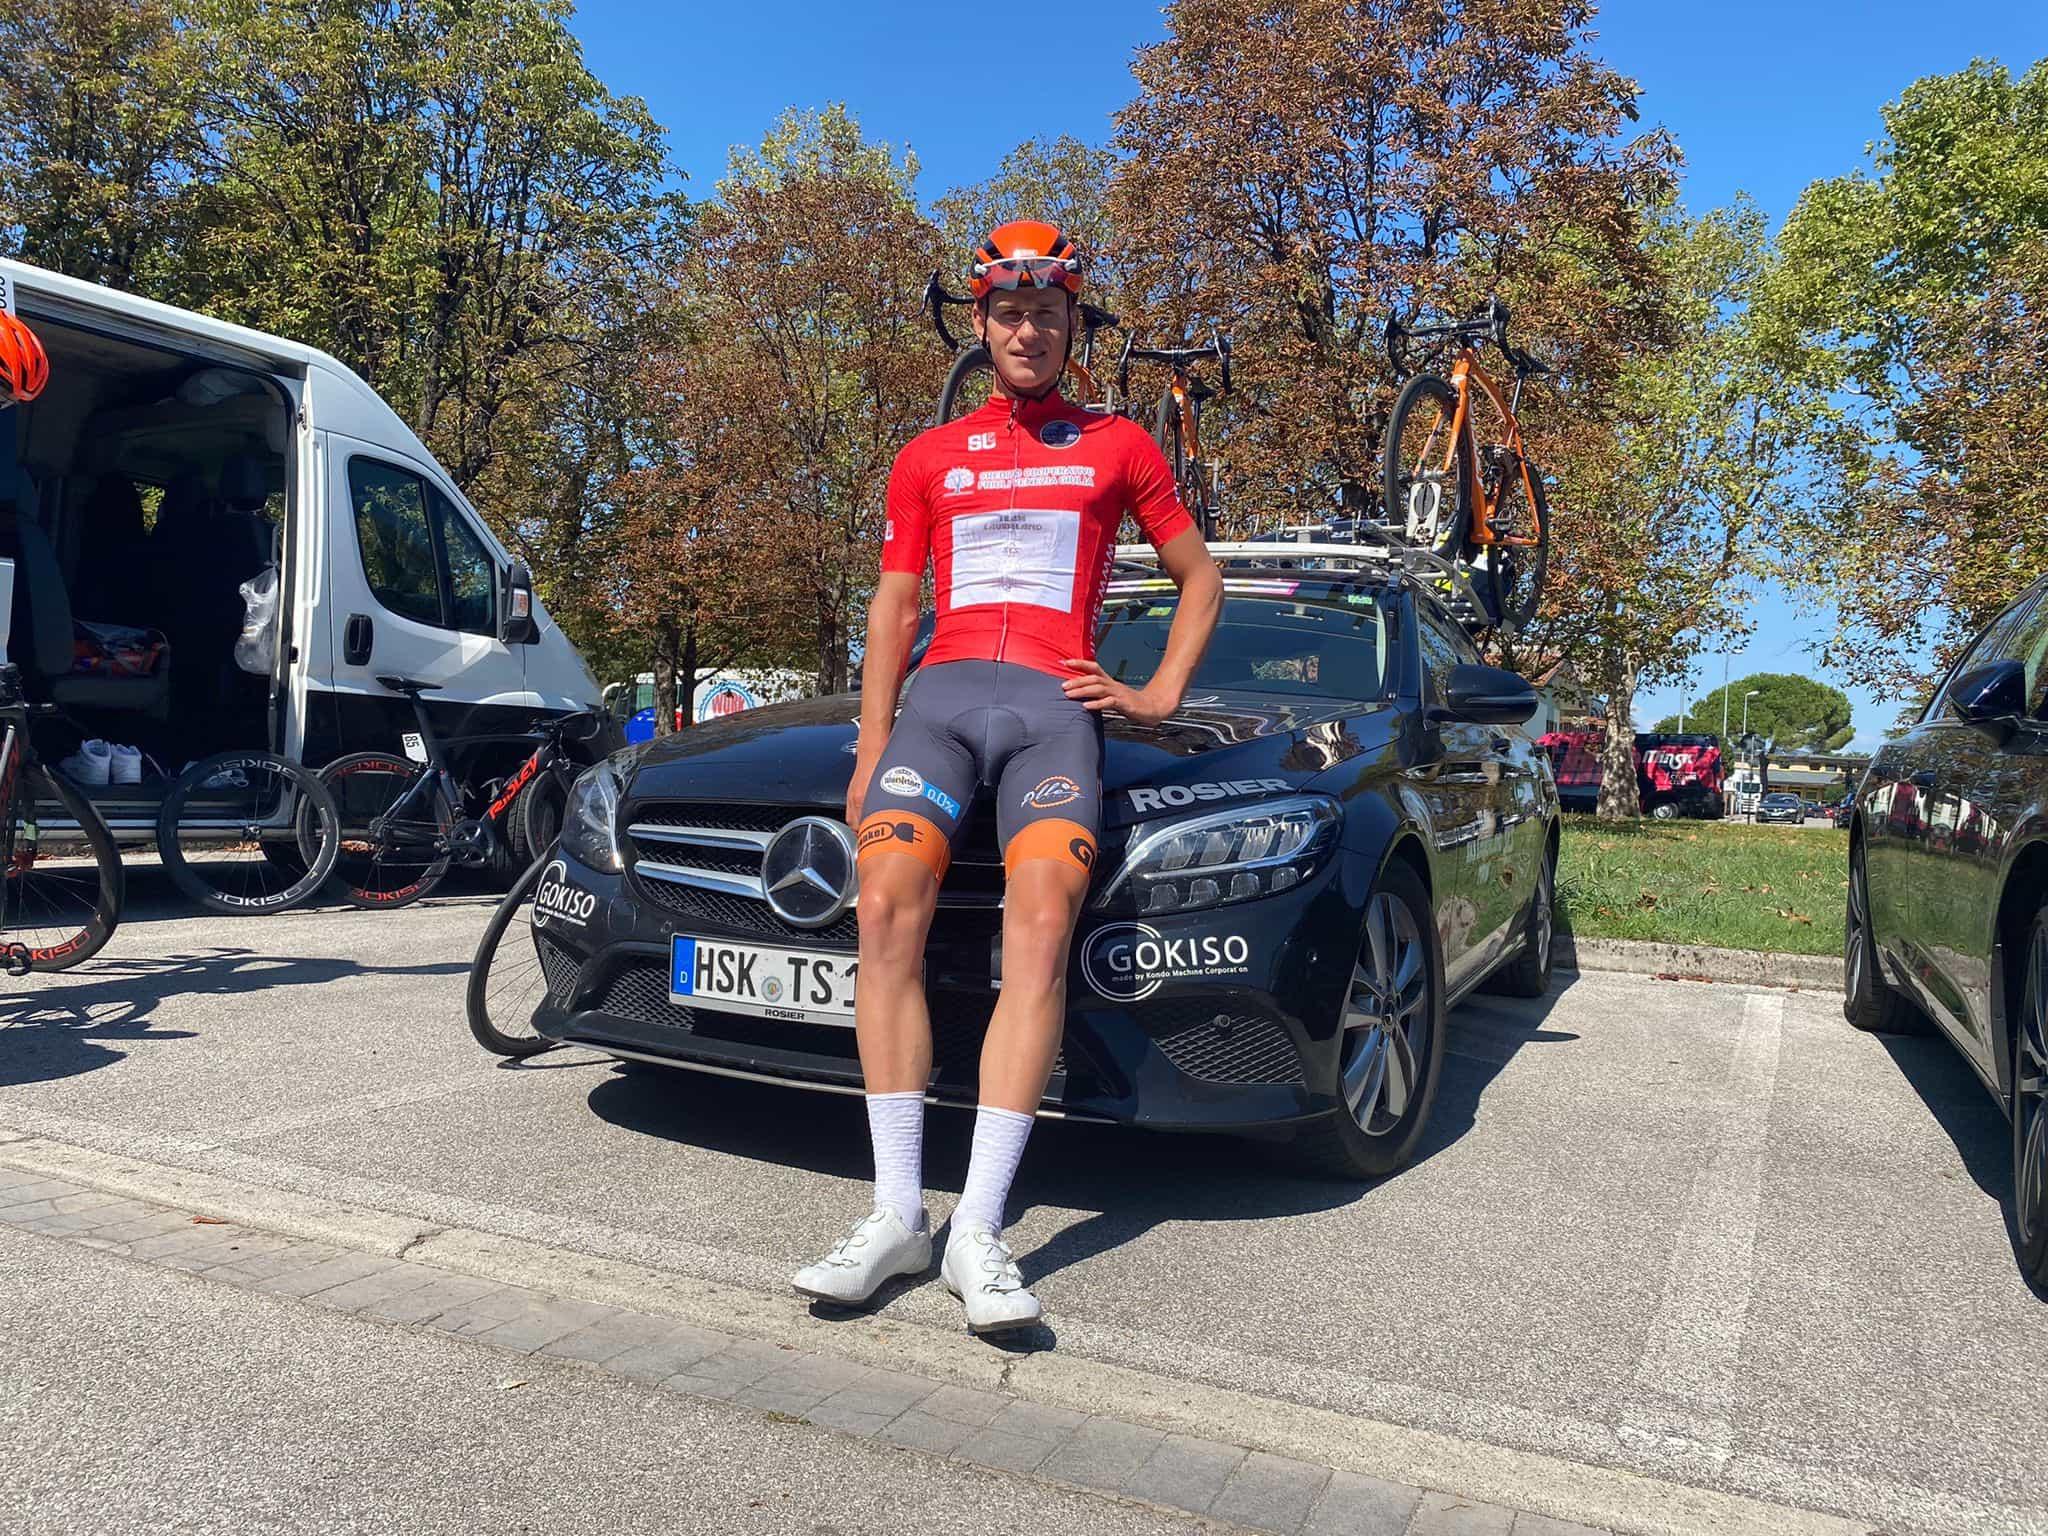 Michiel Stockmann im roten Sprintertrikot (Quelle: Tomasso Fontana)